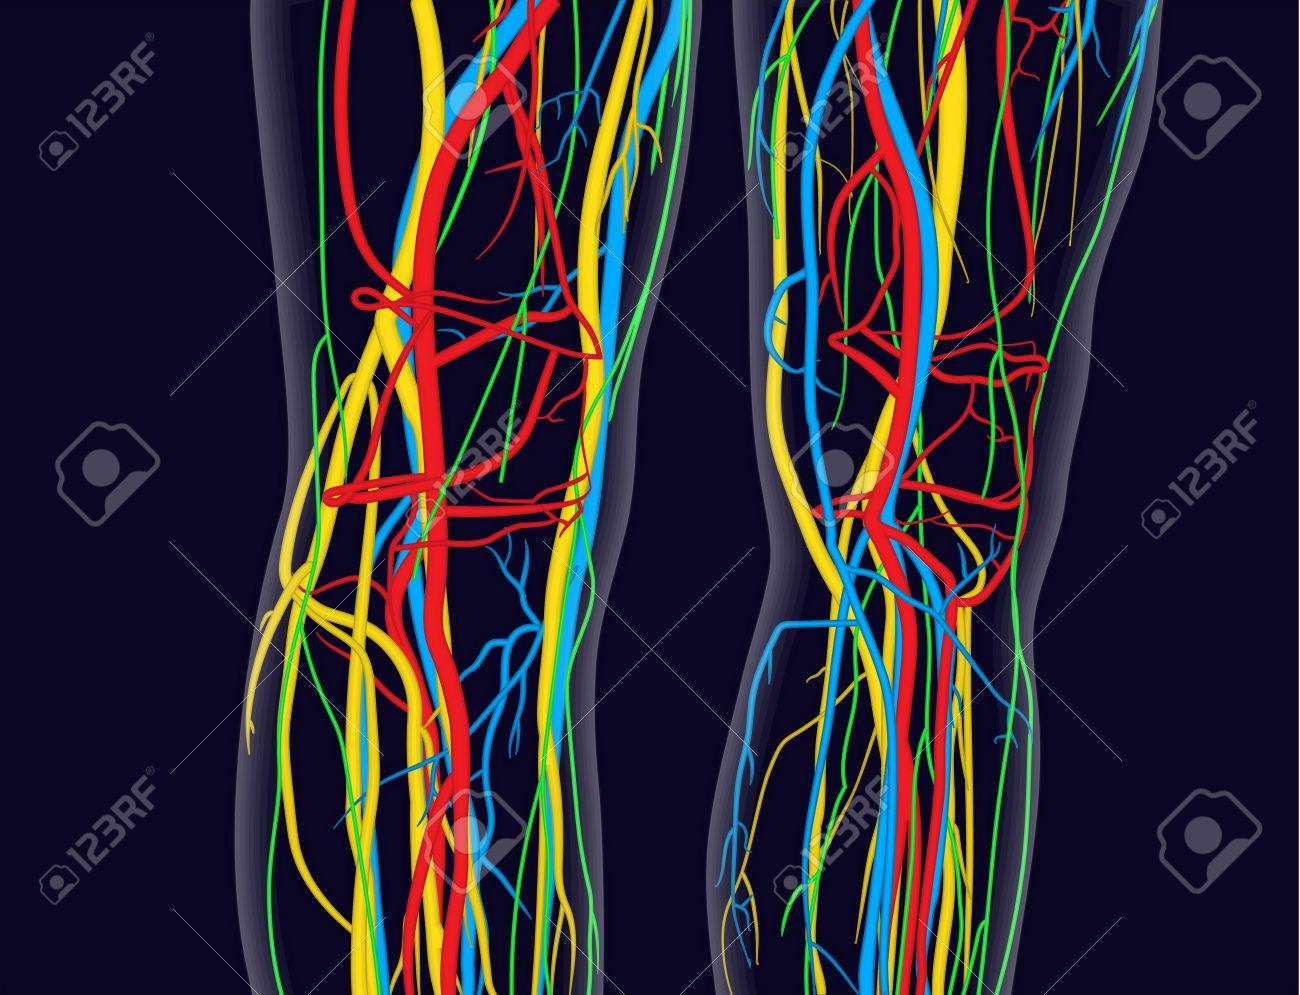 Rztlich Genaue Abbildung Der Knie Und Beine, Schließt Nervensystem ...